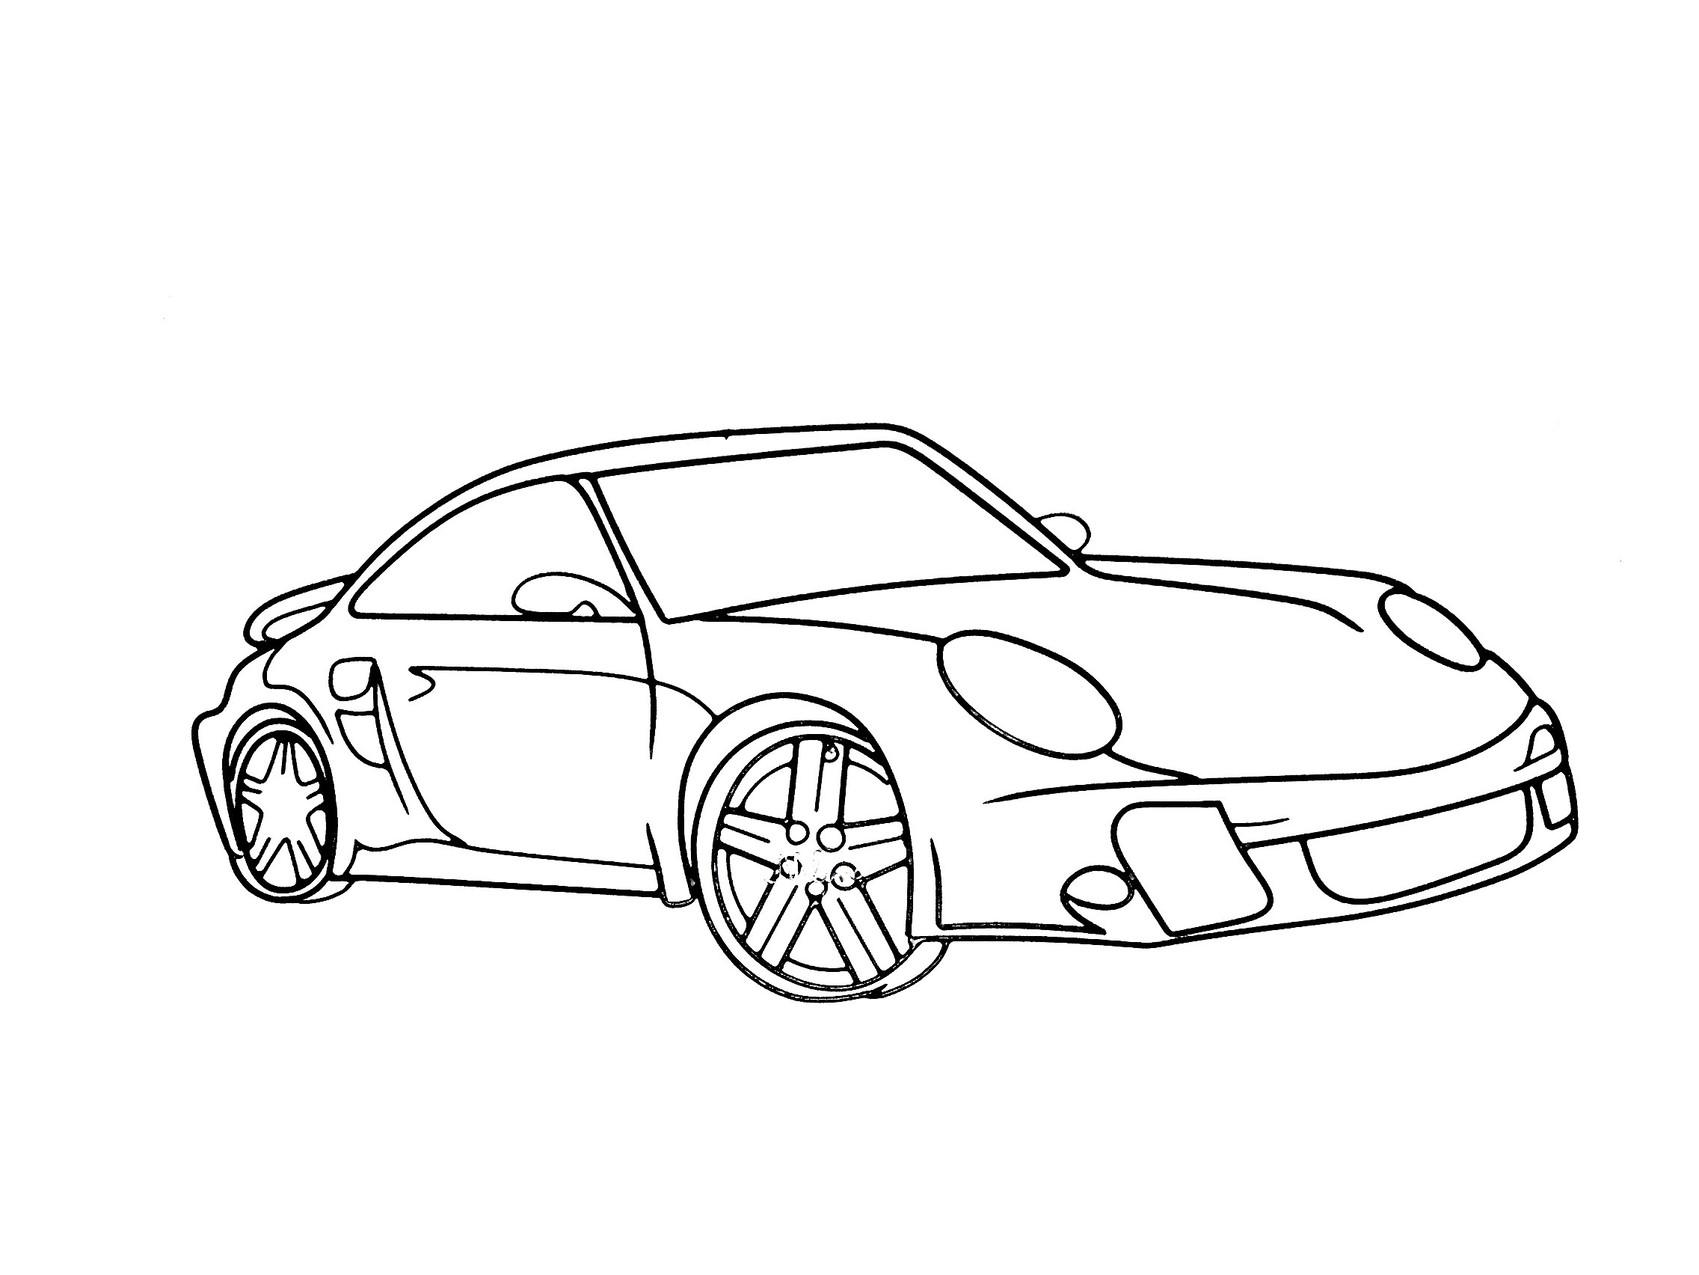 Dessin porsche - Dessin voiture profil ...